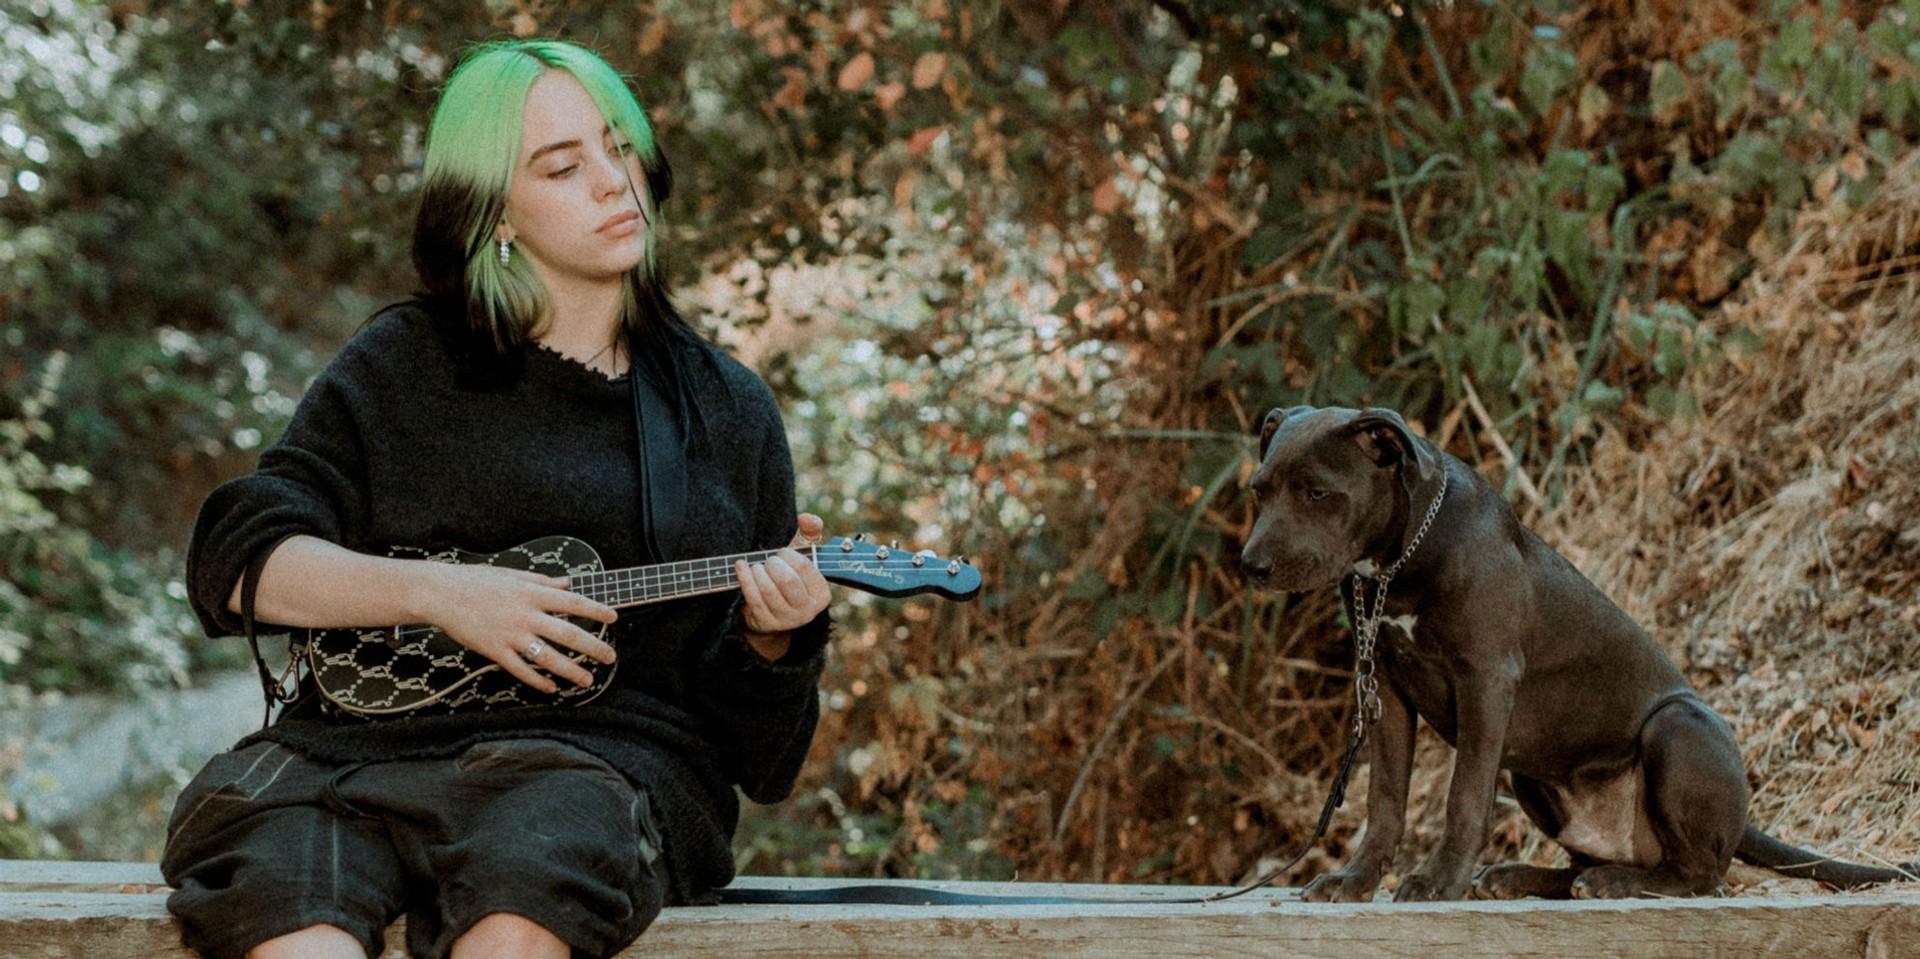 Billie Eilish launches signature ukulele with Fender